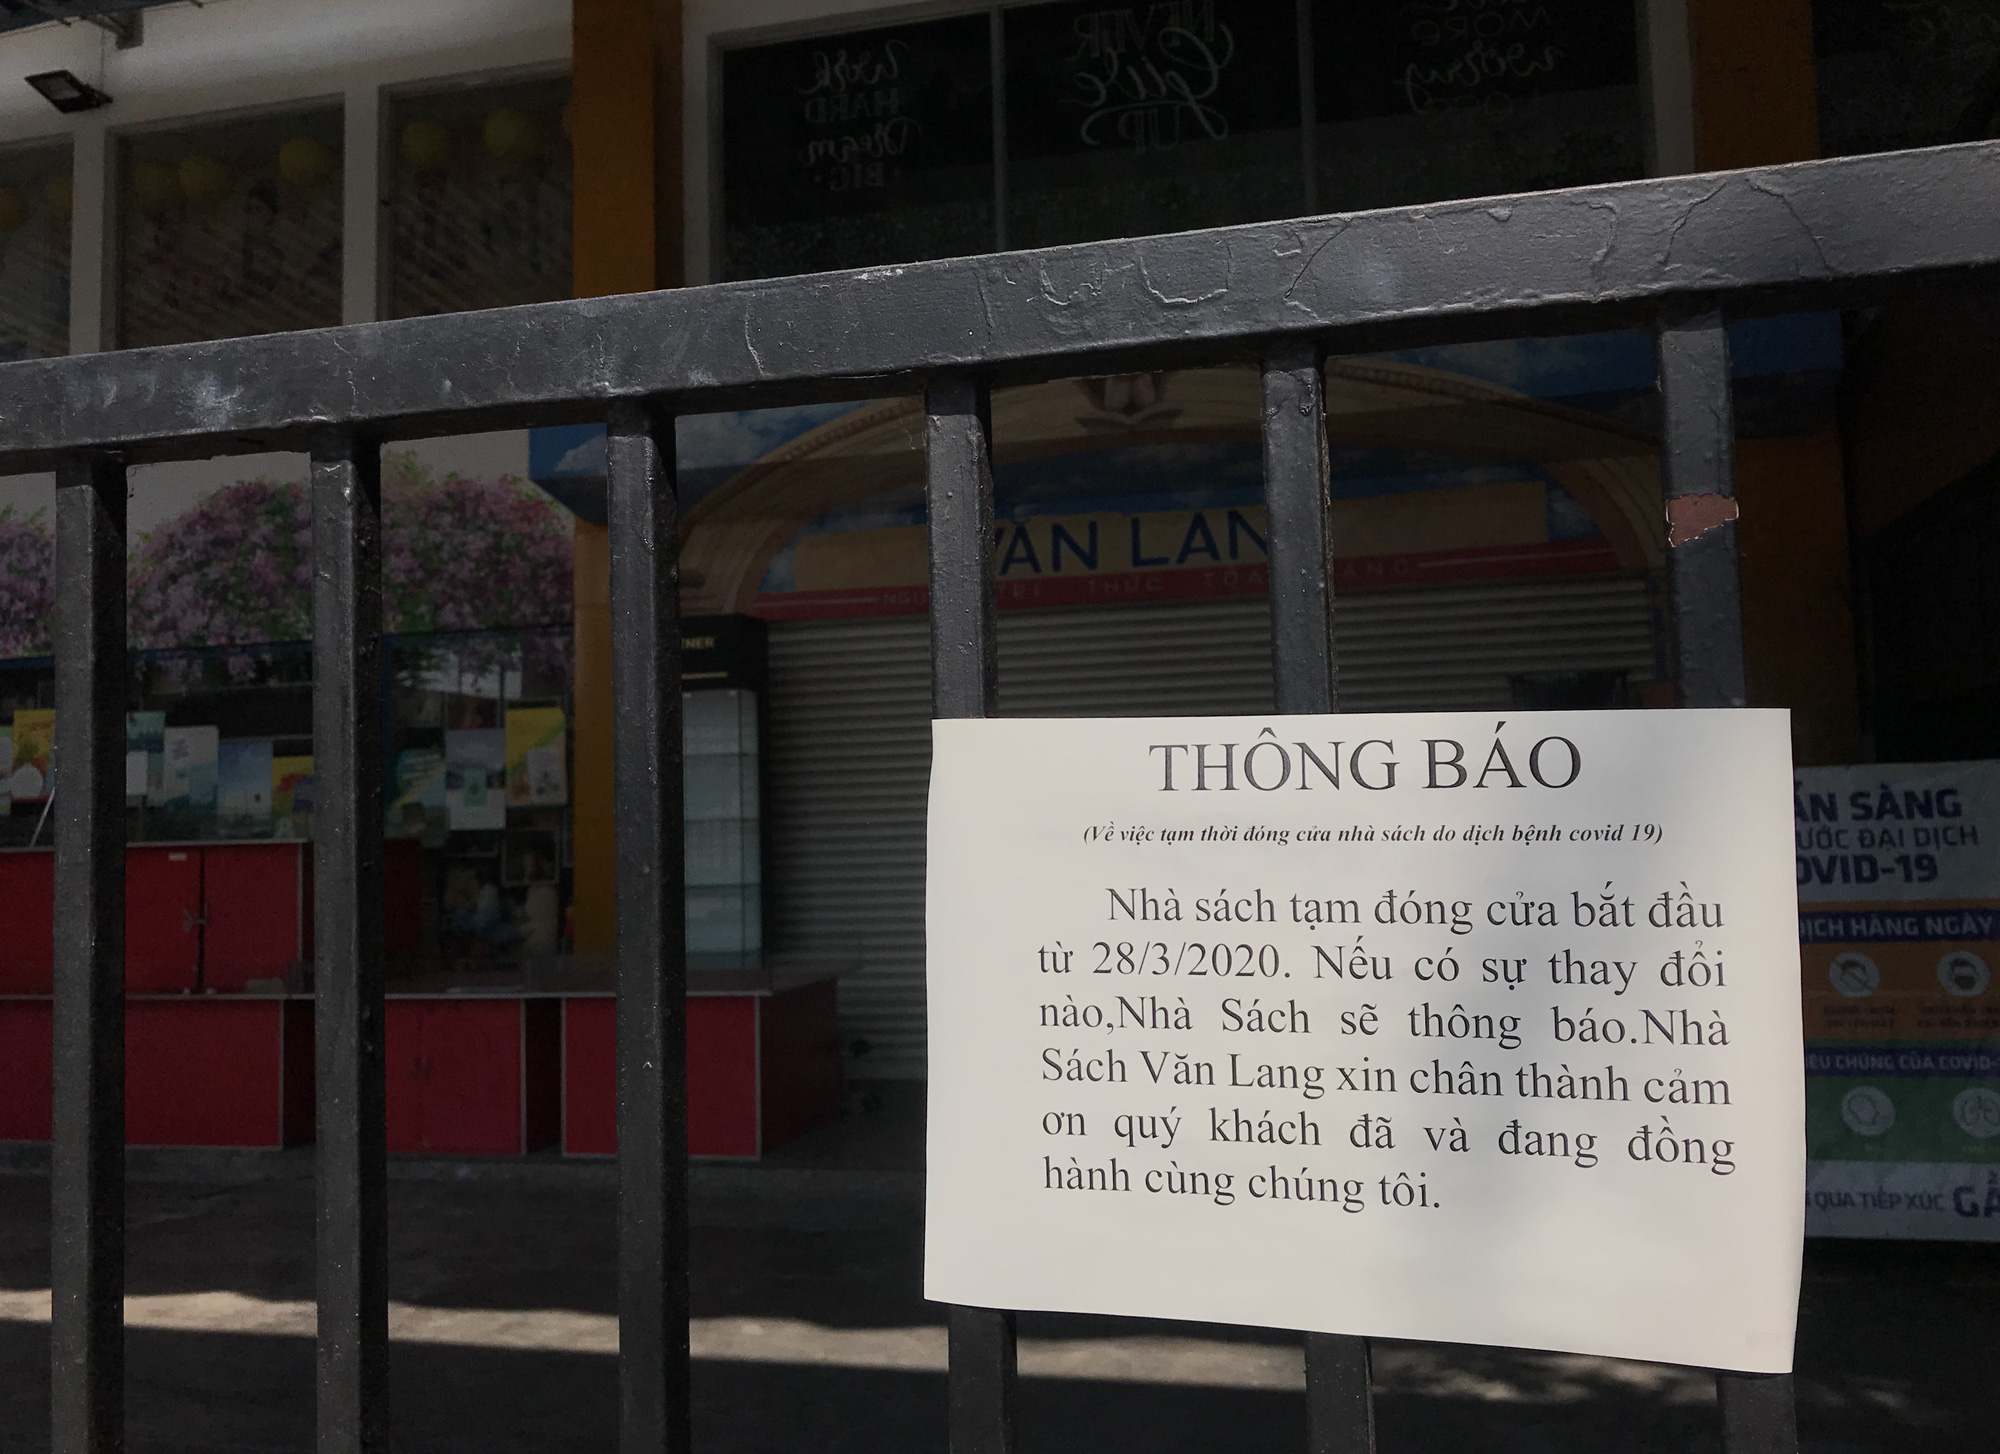 Tiệm vàng, Chanel, Gucci Sài Gòn cũng đóng cửa im ỉm phòng dịch Covid-19 - Ảnh 10.